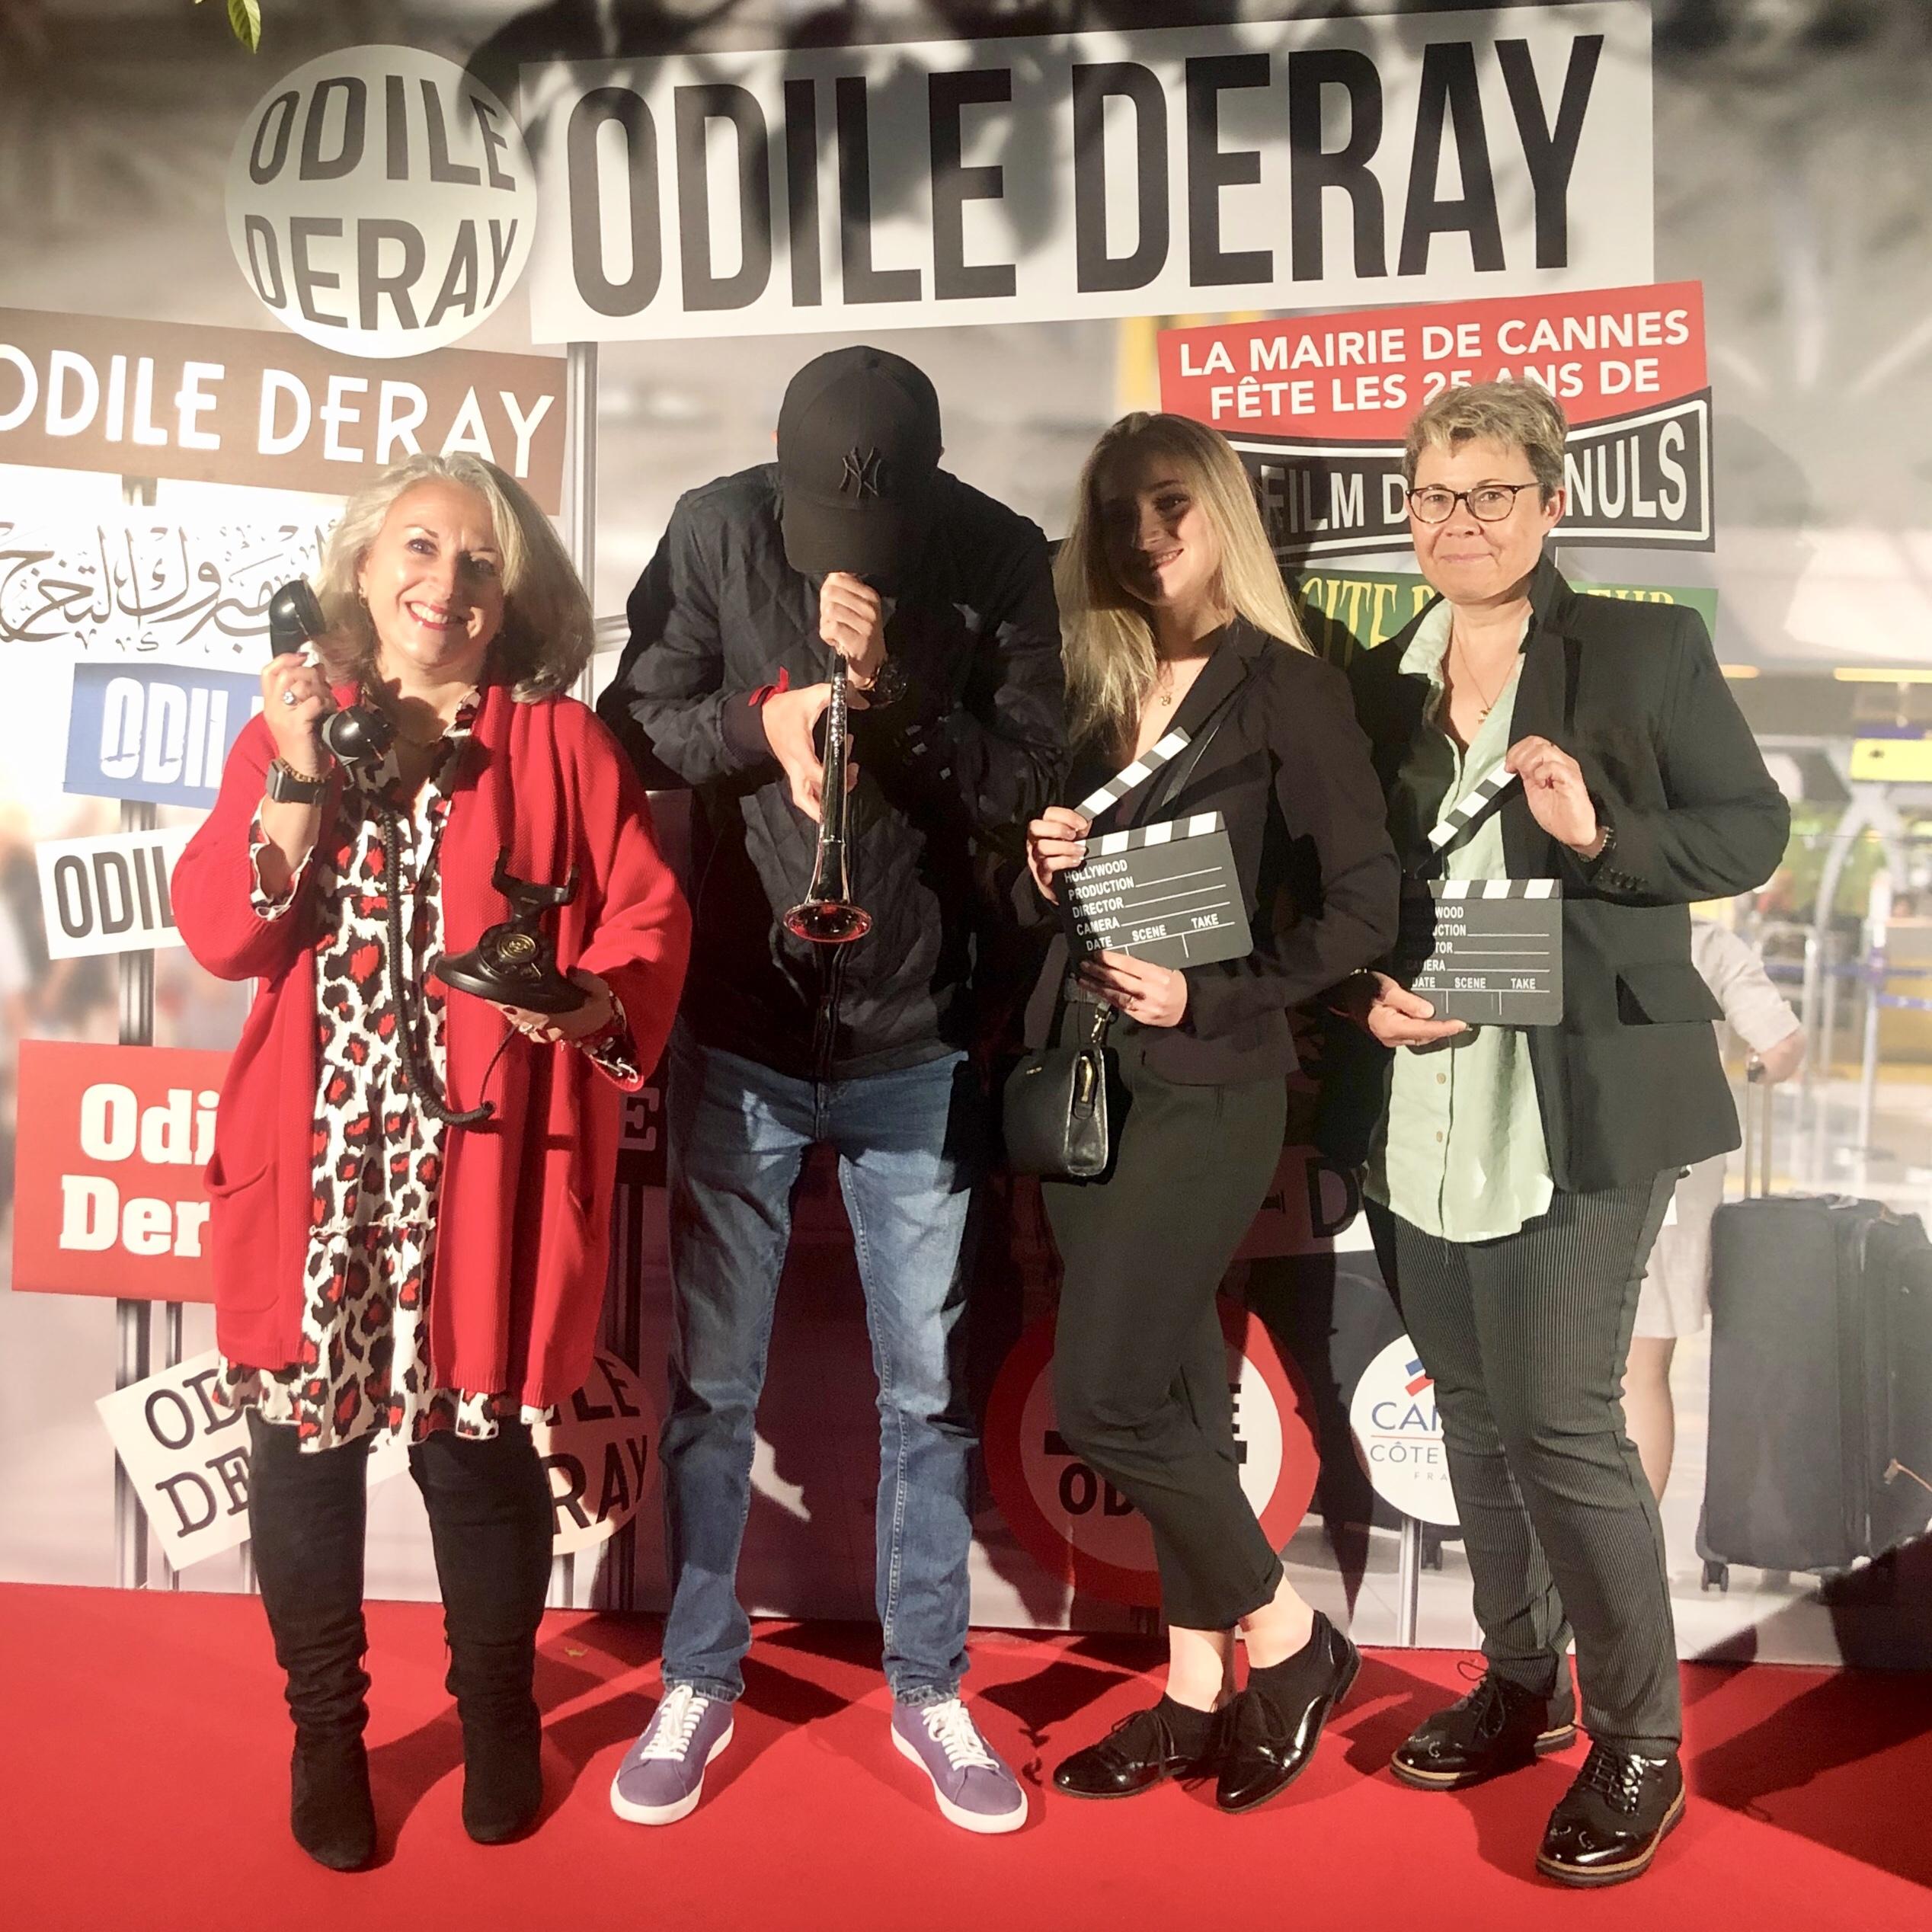 Soirée media Cannes, cette cheville me fait suer… Les états d'esprit du vendredi 24/05/2019